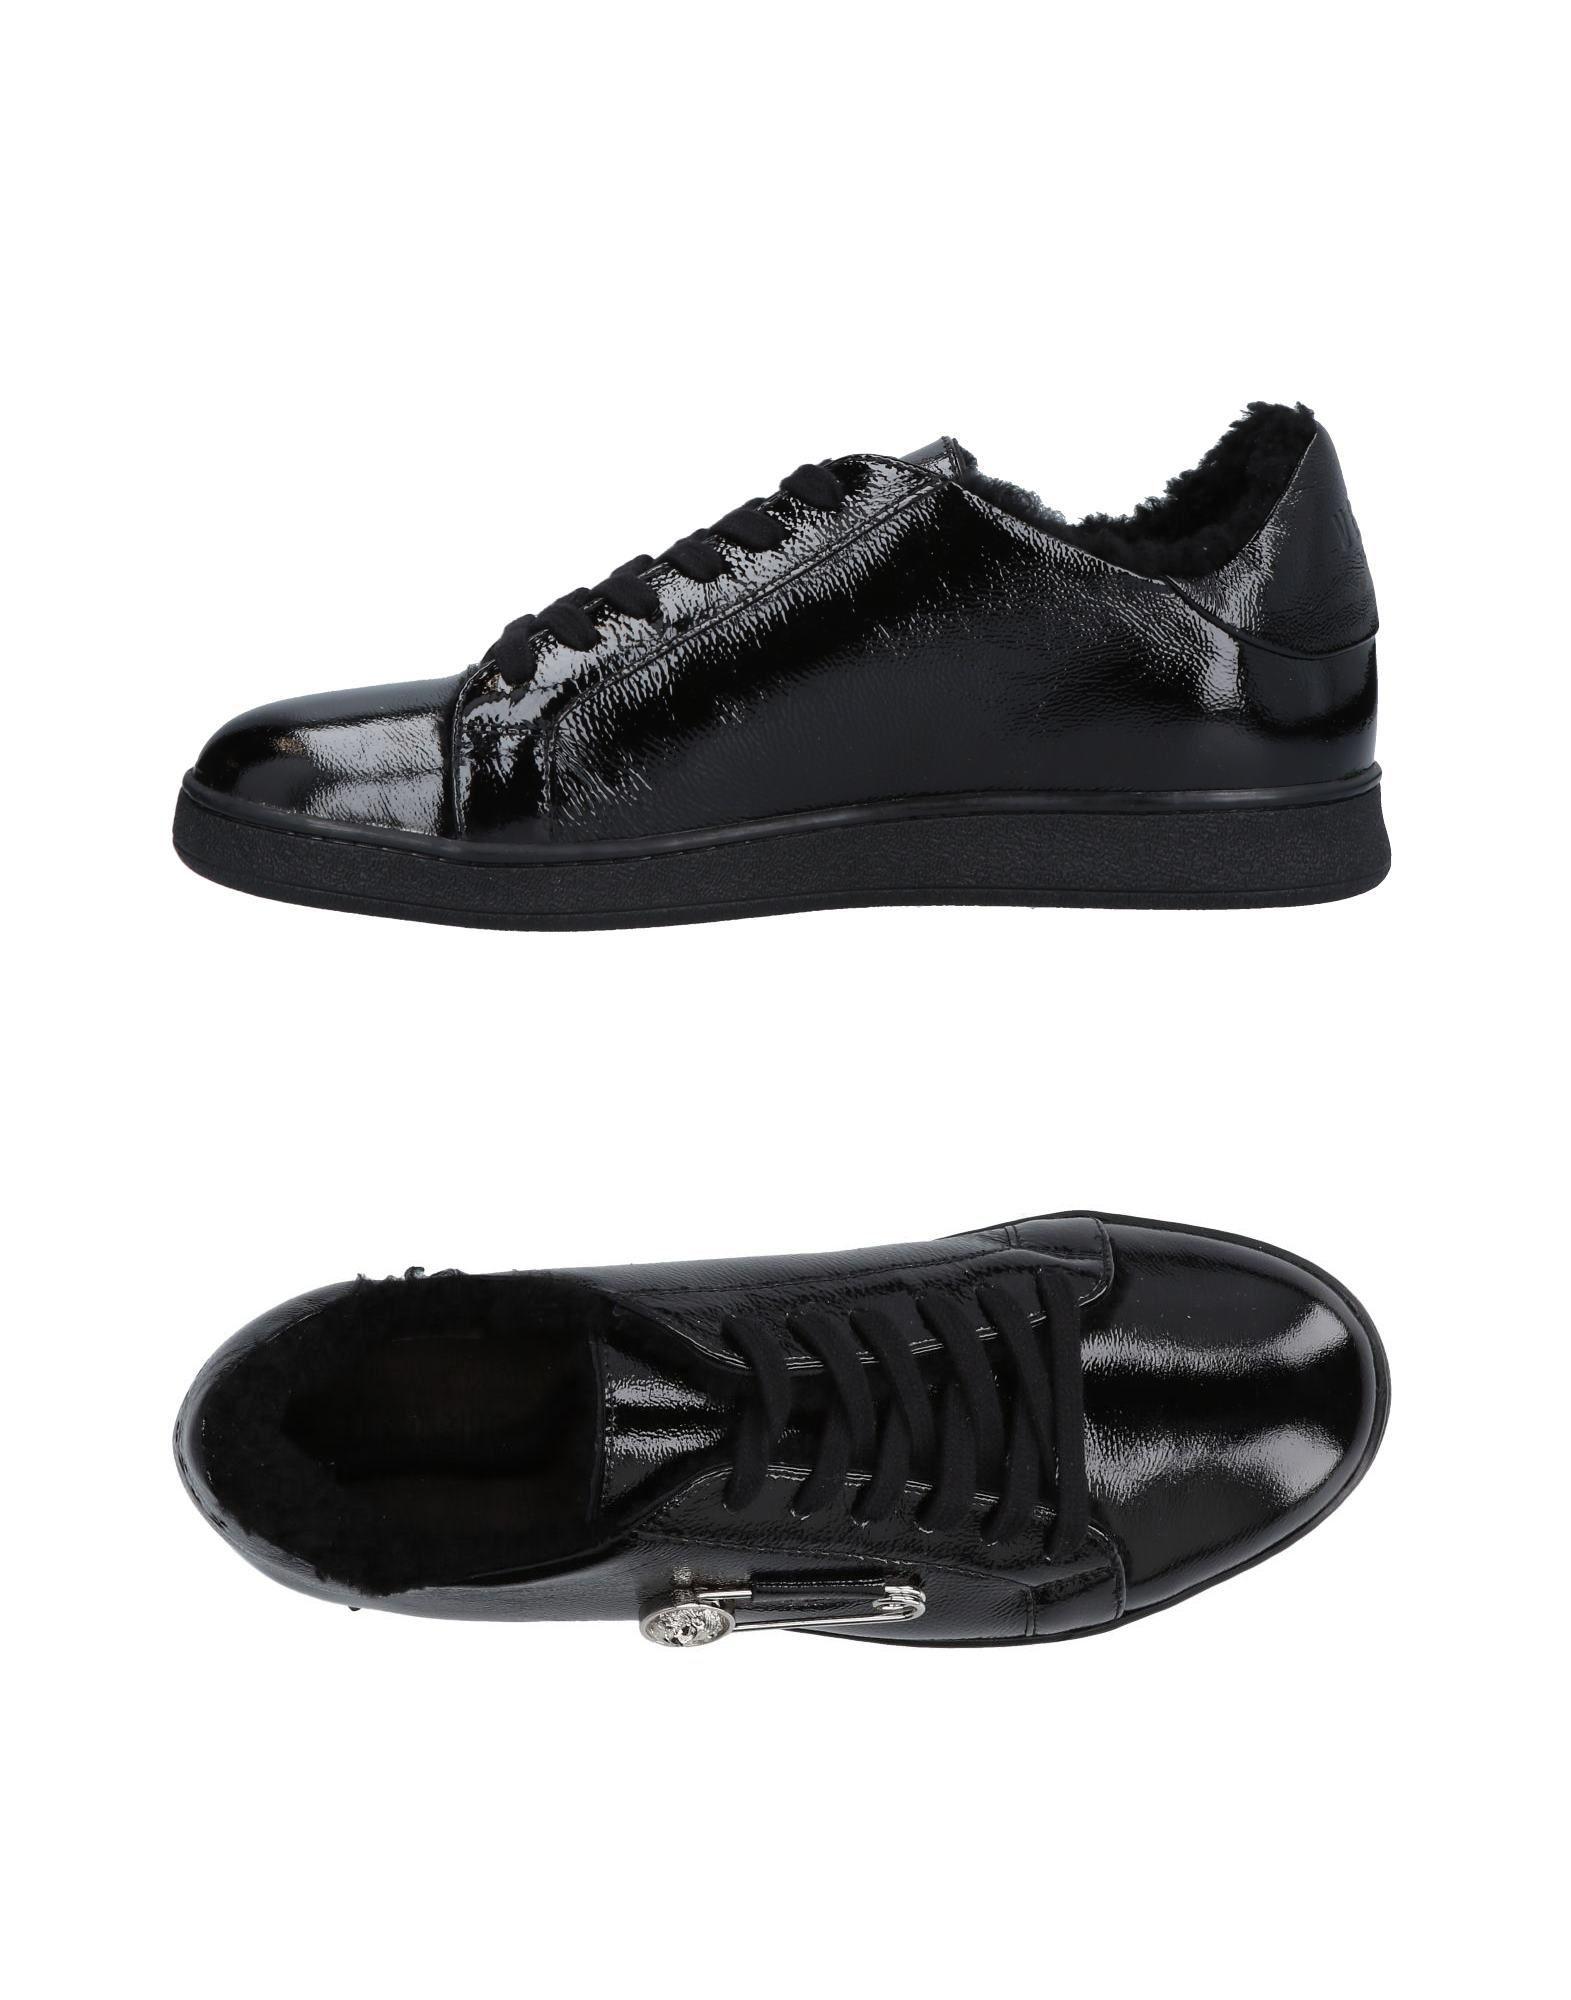 Versus Versace Sneakers Herren  11465374AT Gute Qualität beliebte Schuhe